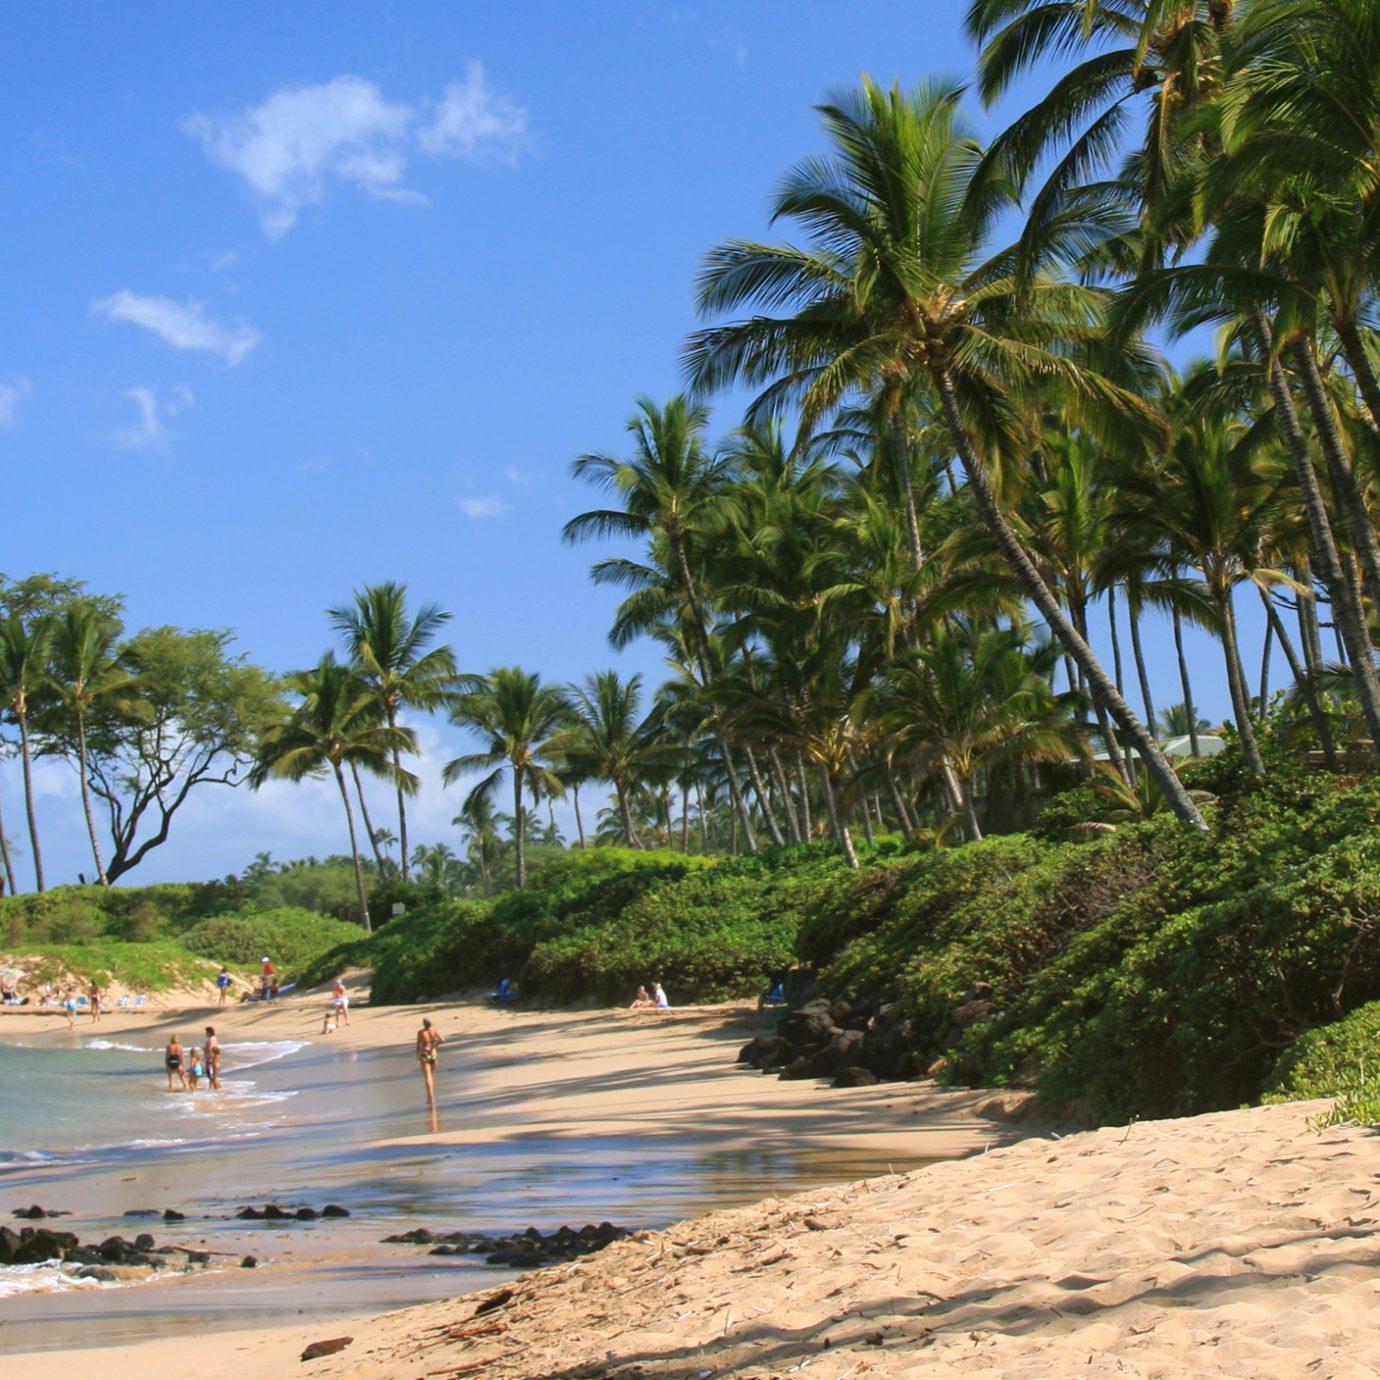 A beach in Maui Hawaii